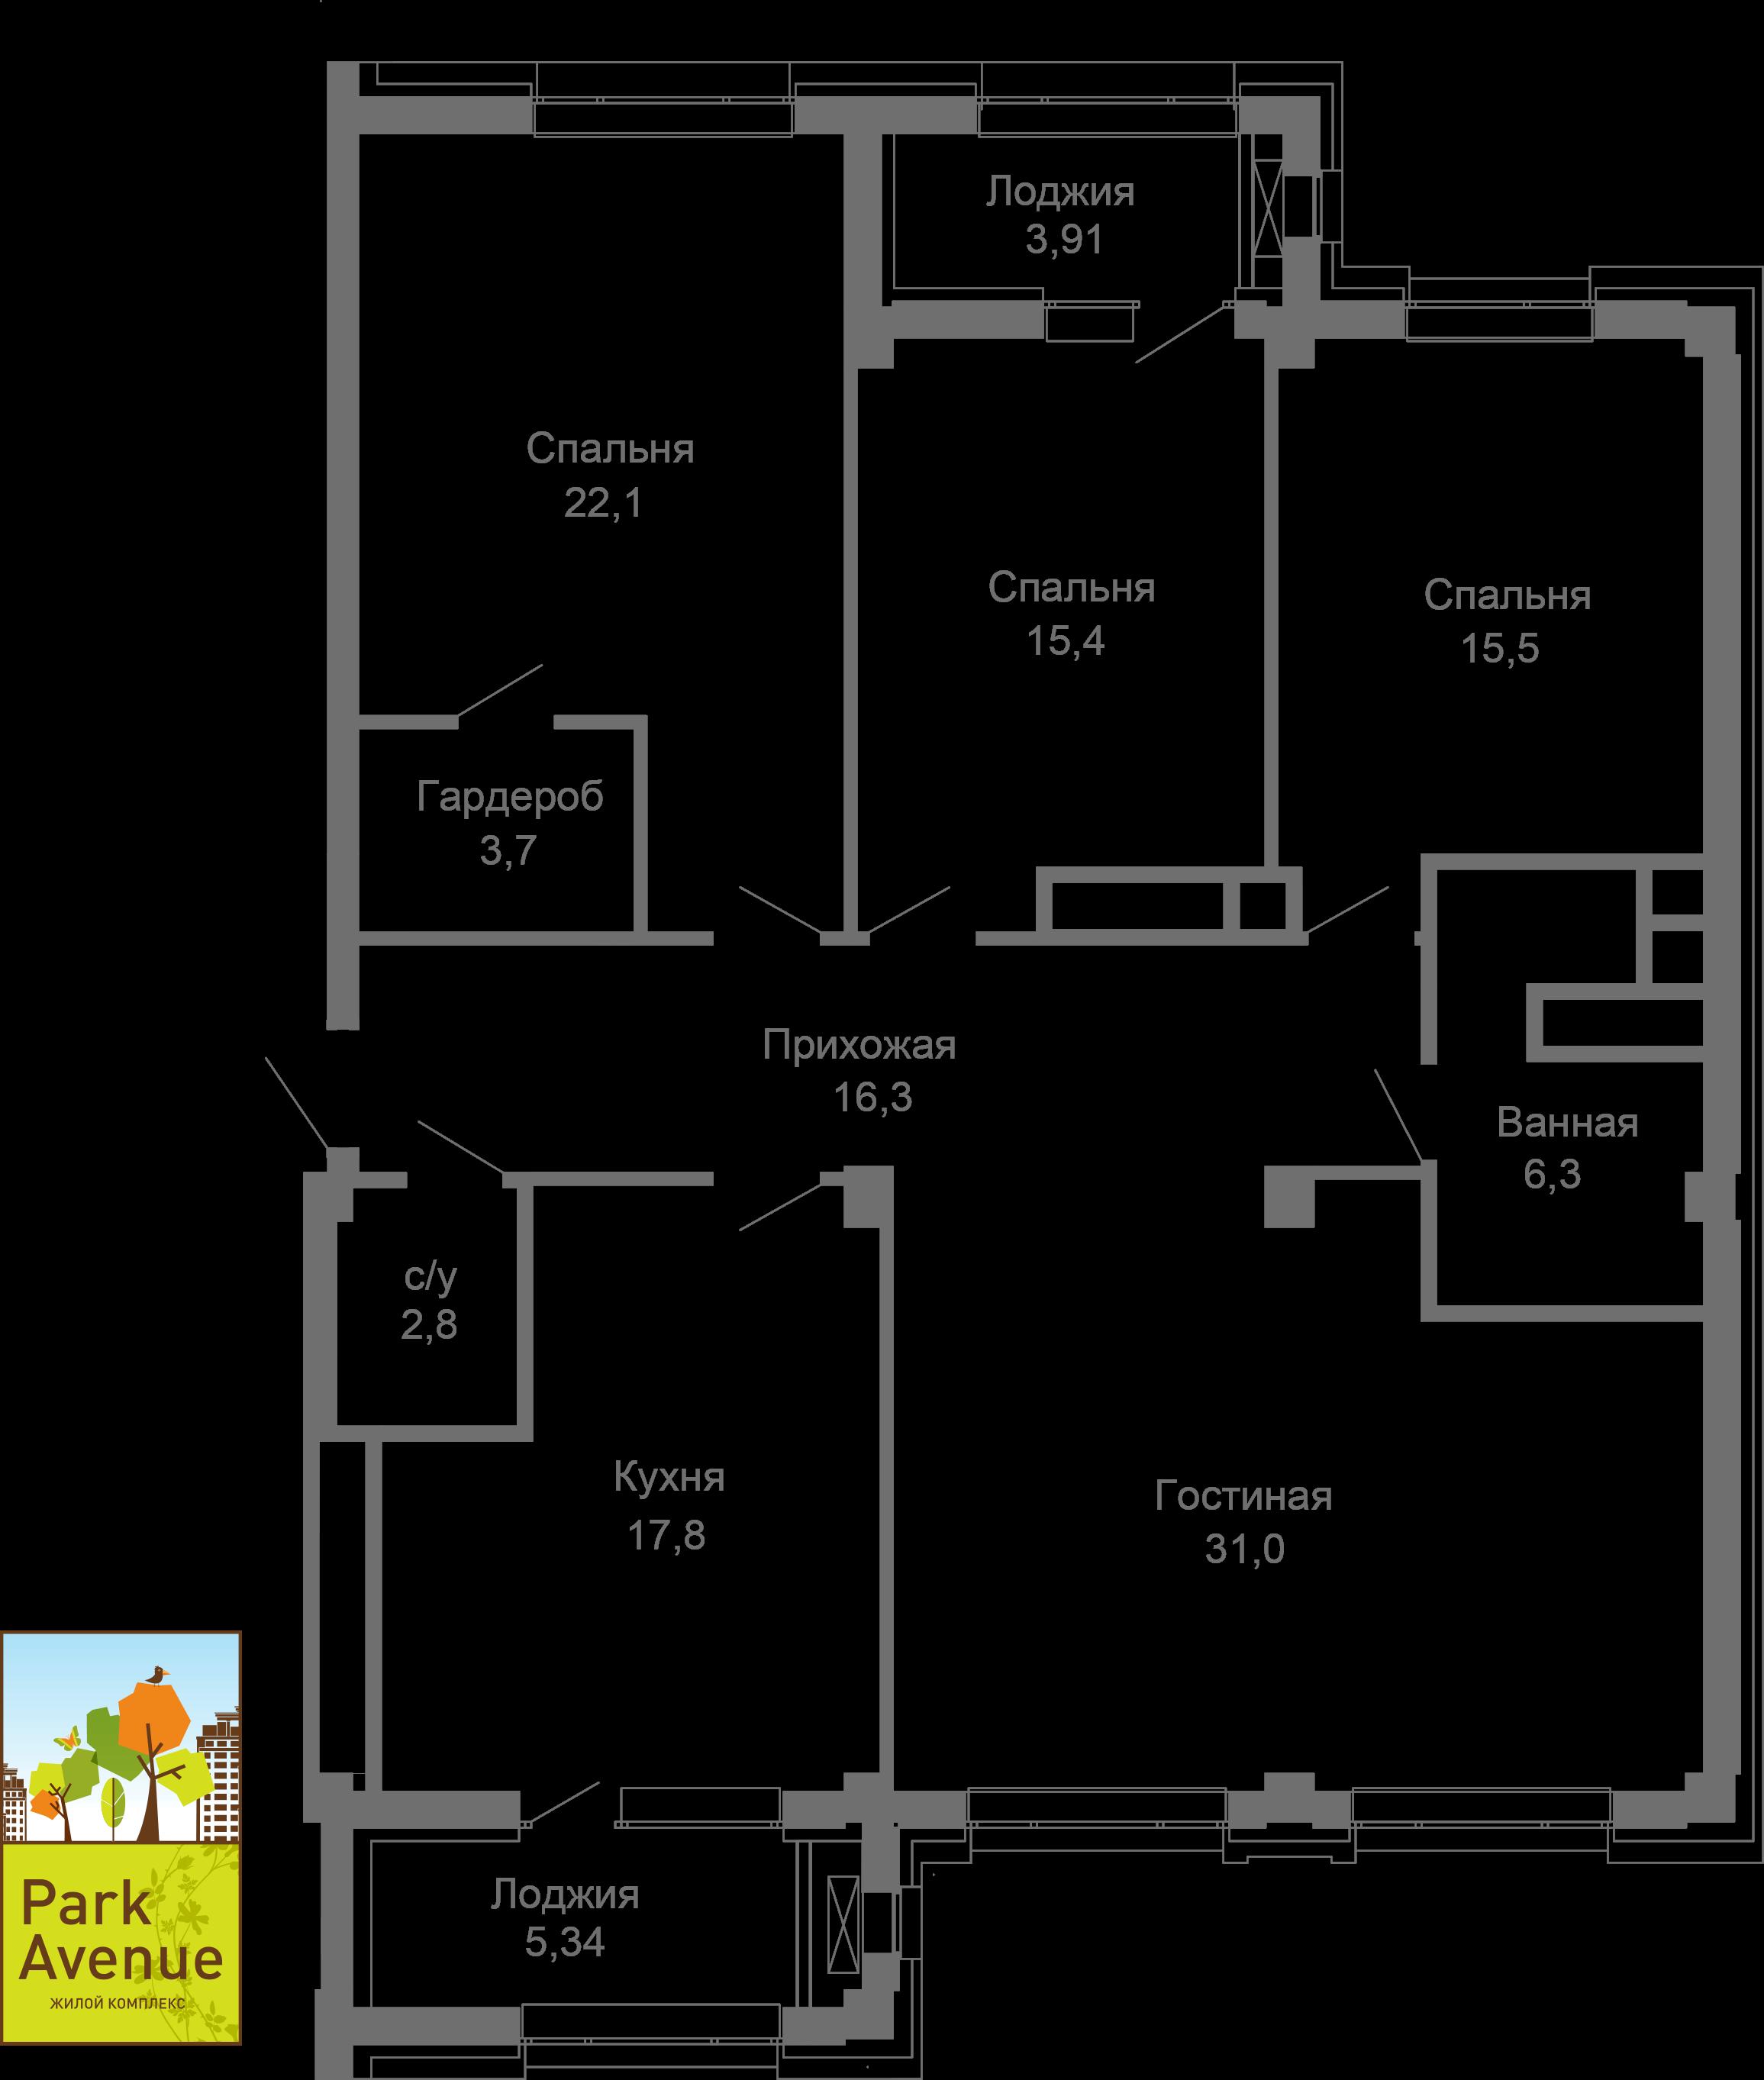 Квартира 29